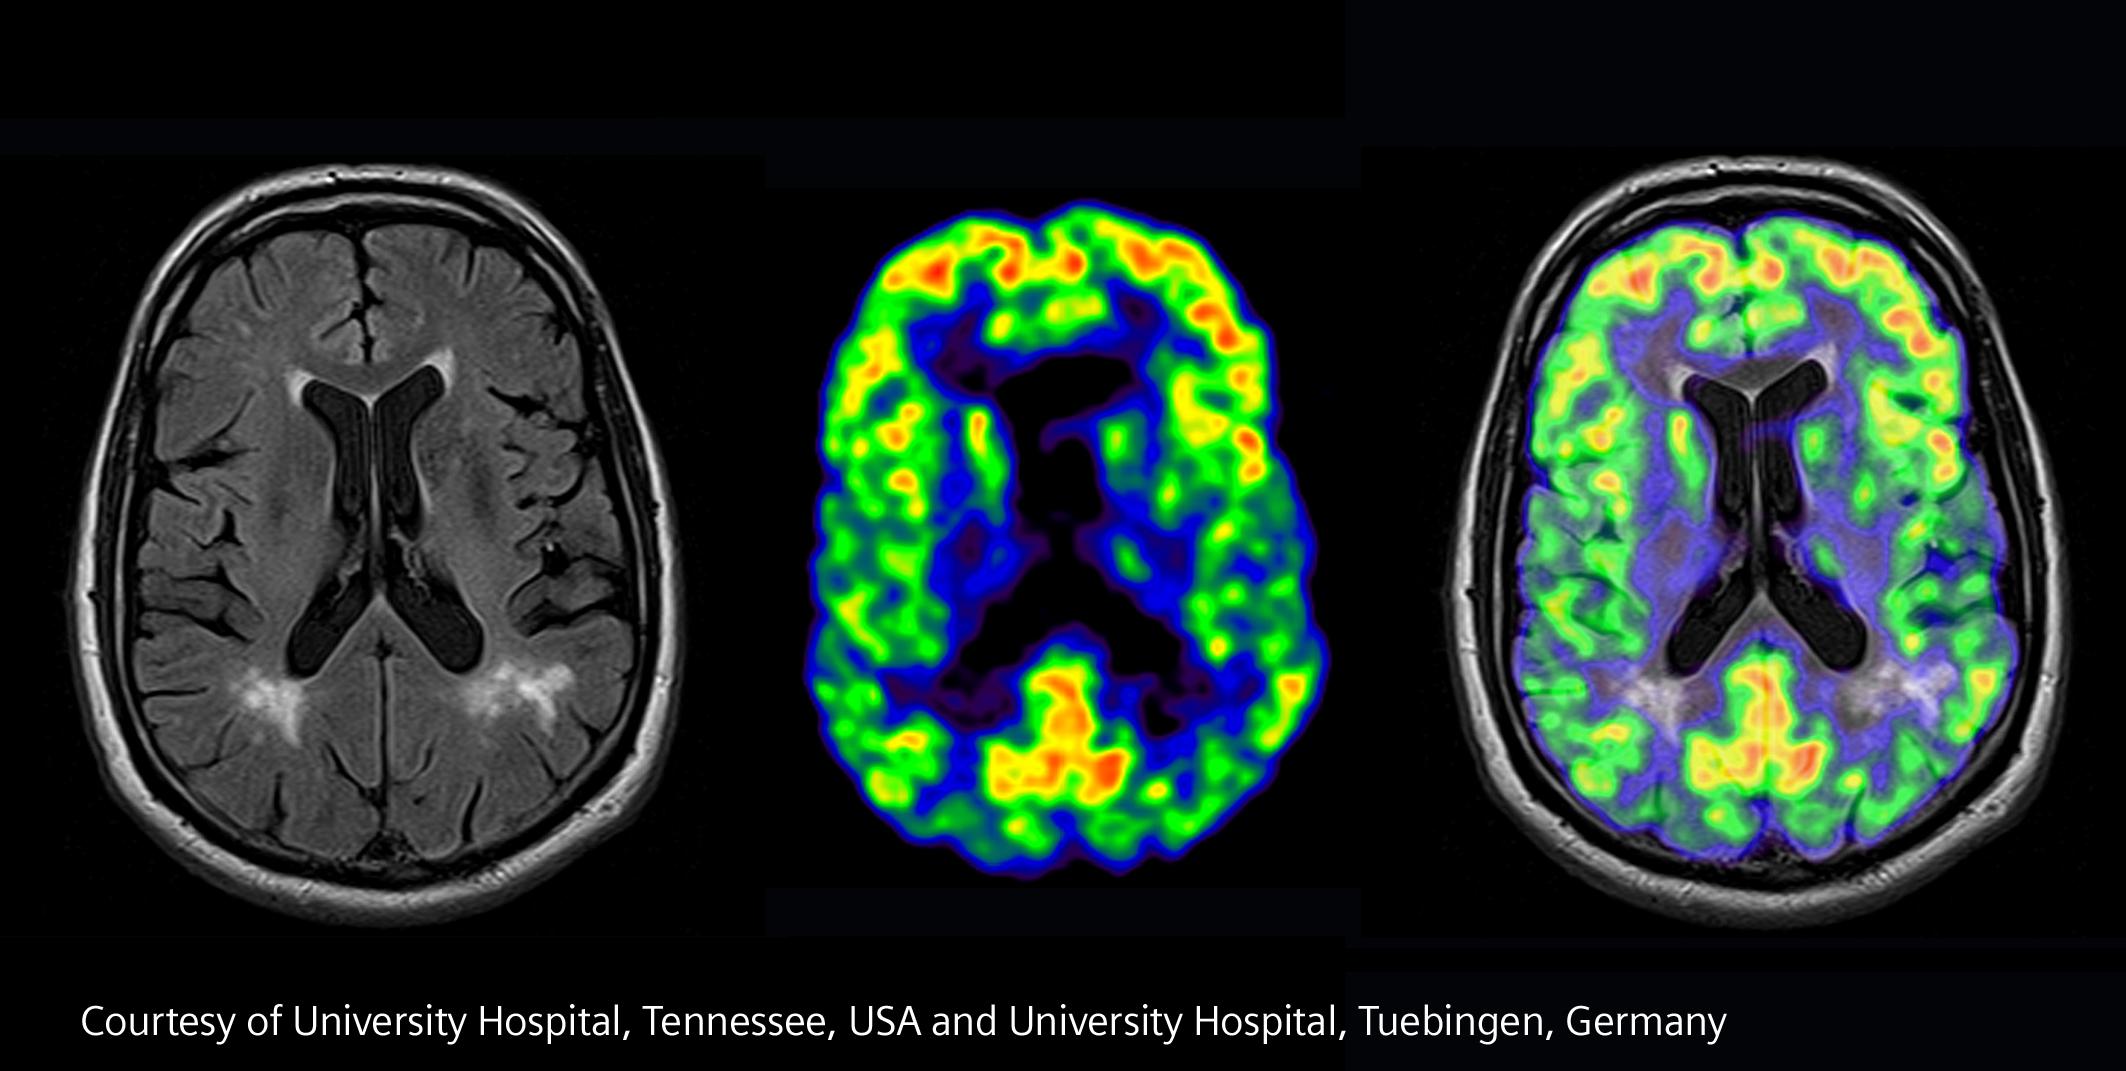 Für mehr hybride Wege in der bildgebenden Hochpräzisionsdiagnostik